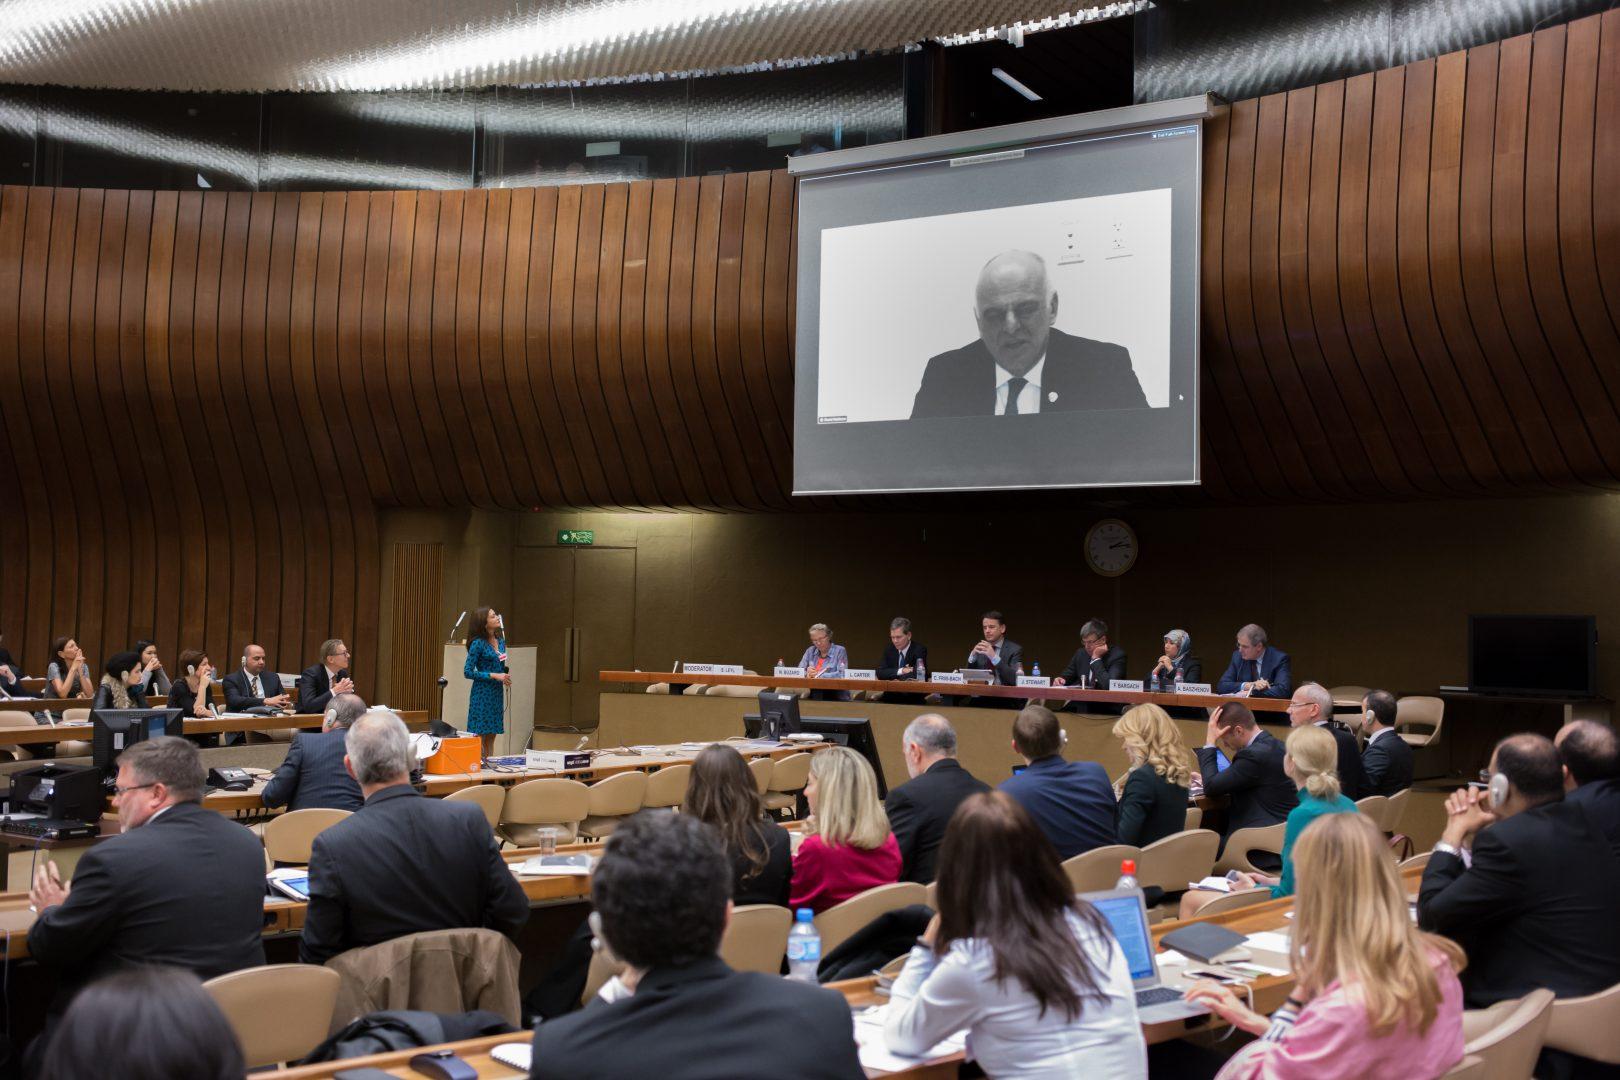 """7-9 травня 2019 року у м. Женева (Швейцарія) відбувся Міжнародний форум з публічно-приватного партнерства: """"Остання миля: просування ППП, спрямованих на людину  для виконання Стратегії сталого розвитку ООН до 2030 р."""""""